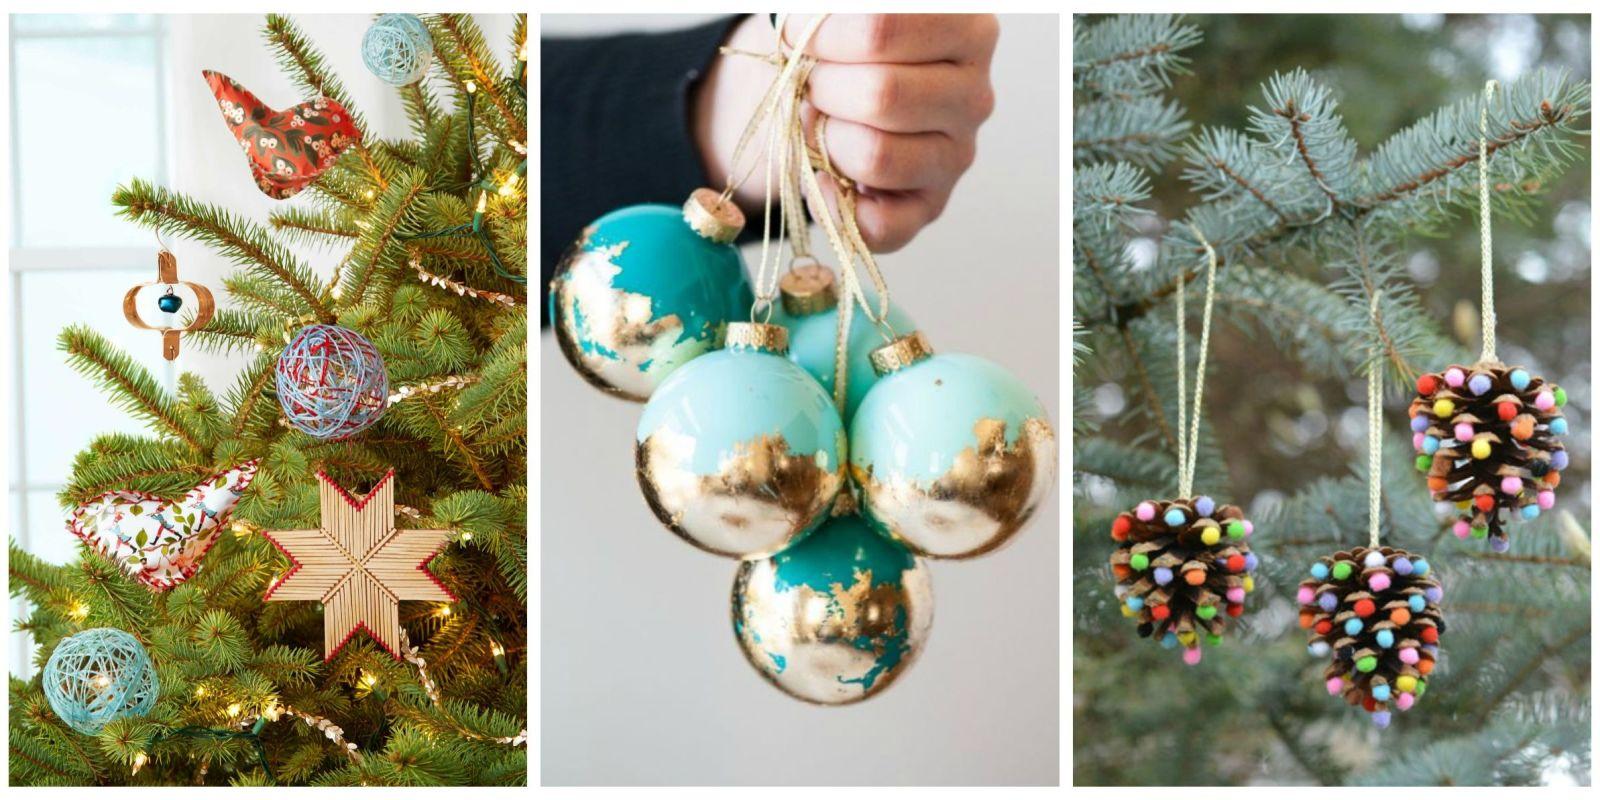 christmas photo ornament ideas - 29 Homemade DIY Christmas Ornament Craft Ideas How To